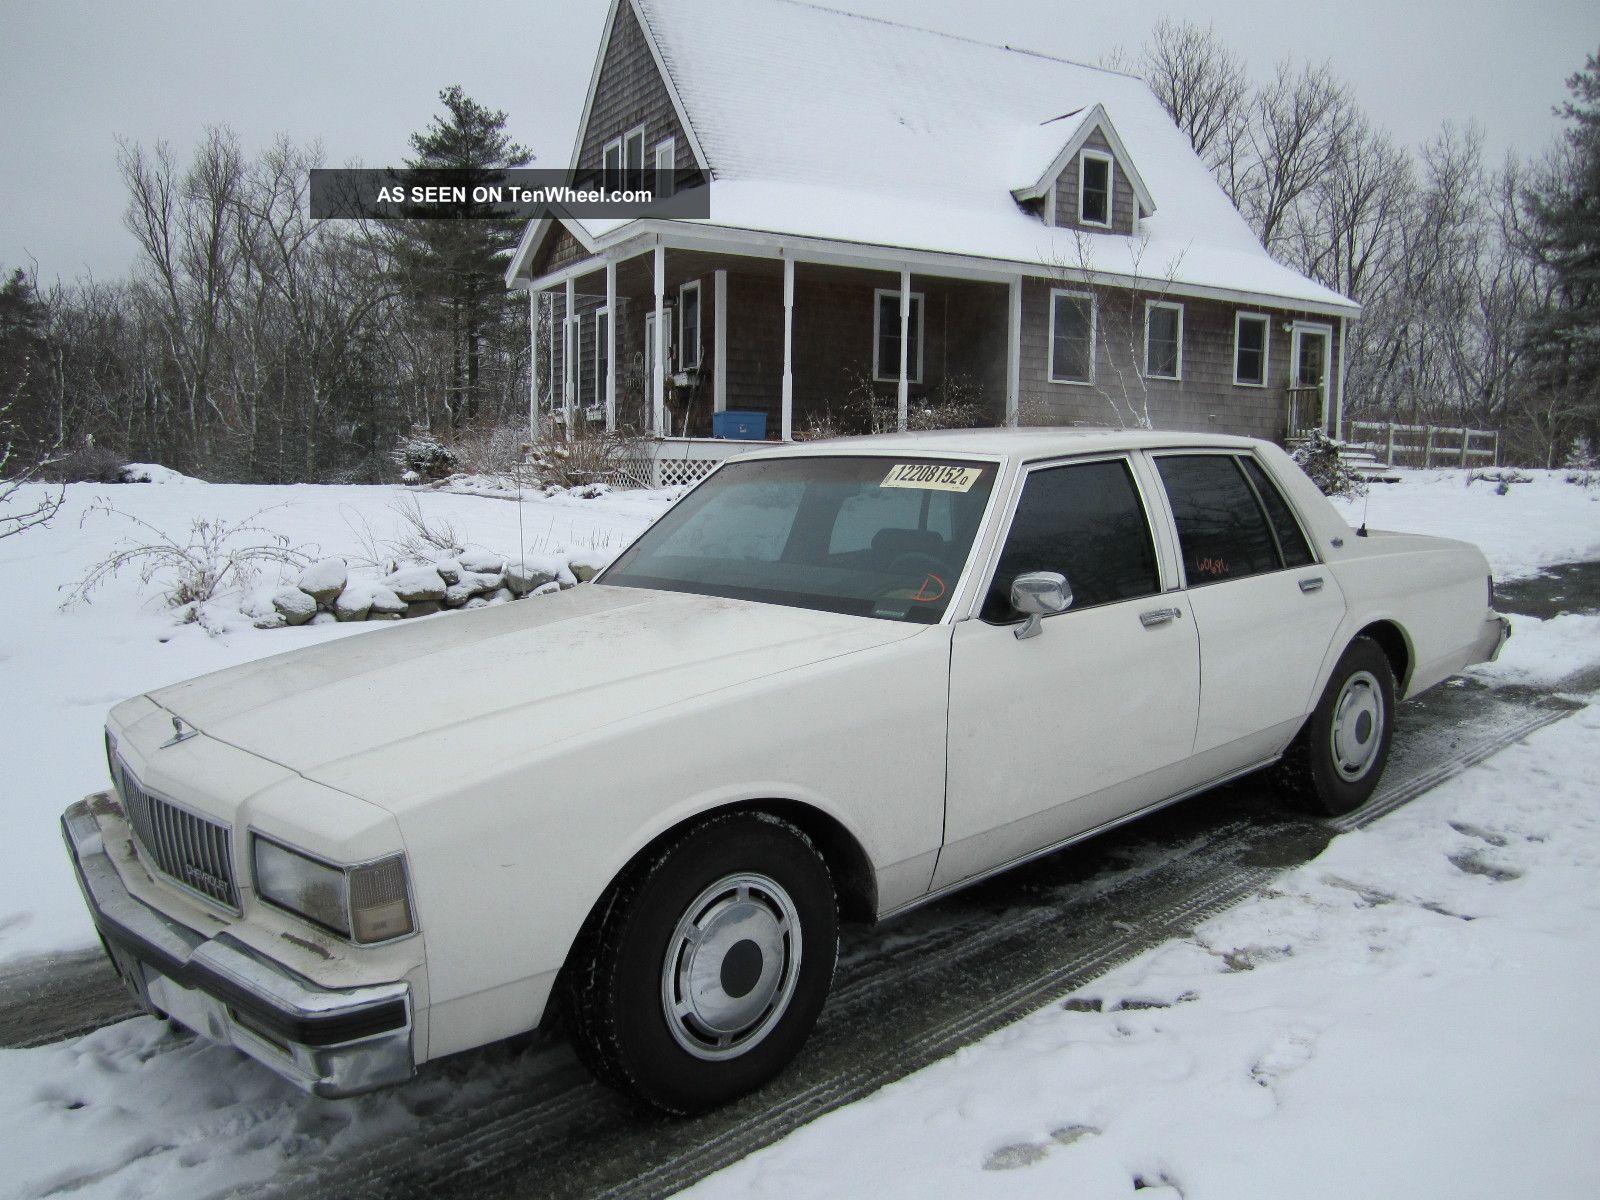 1990 Chevy Caprice Police 9c1 Caprice photo